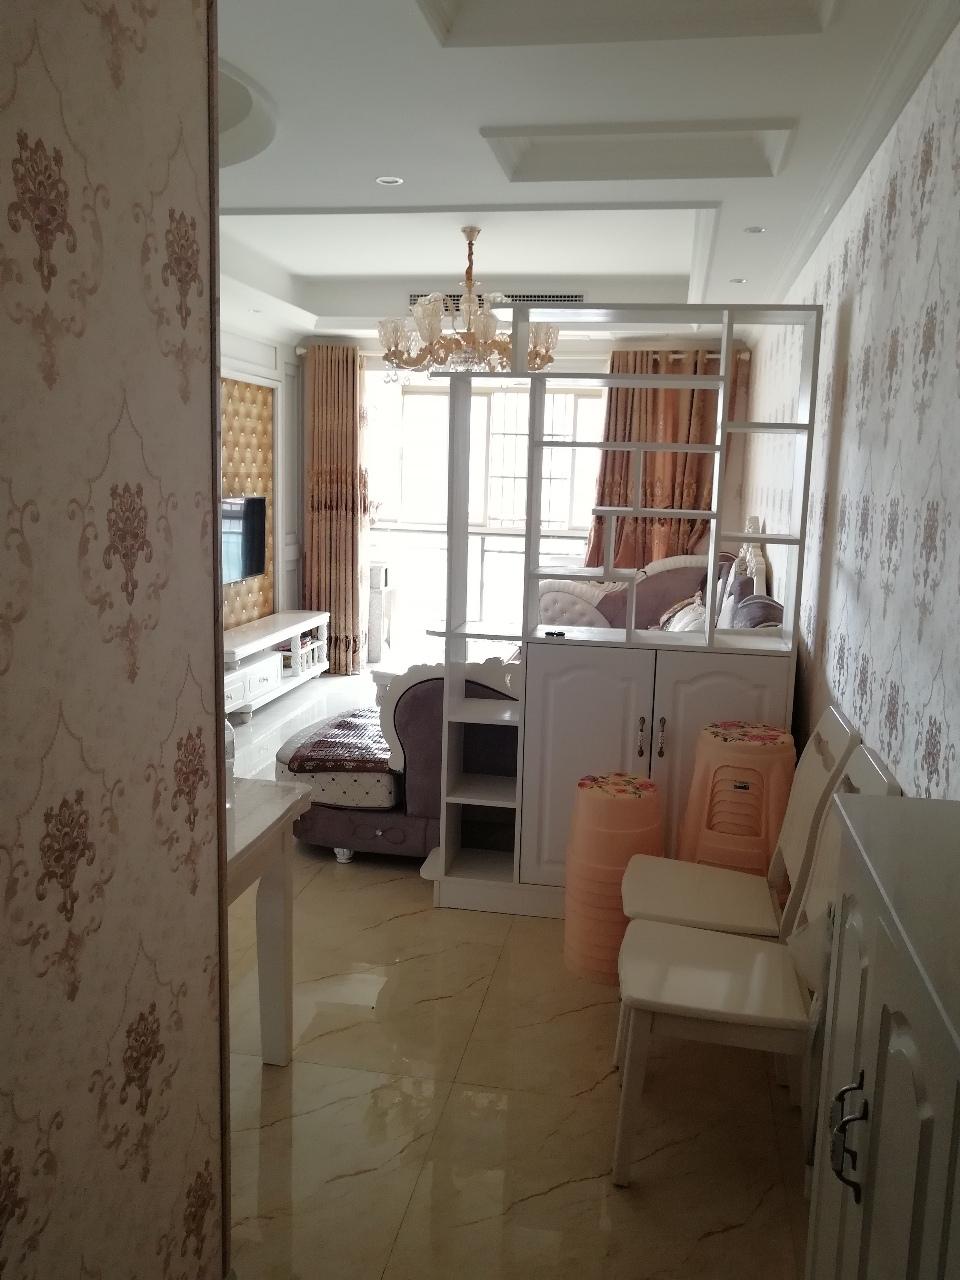 香山美地2室 2廳 1衛